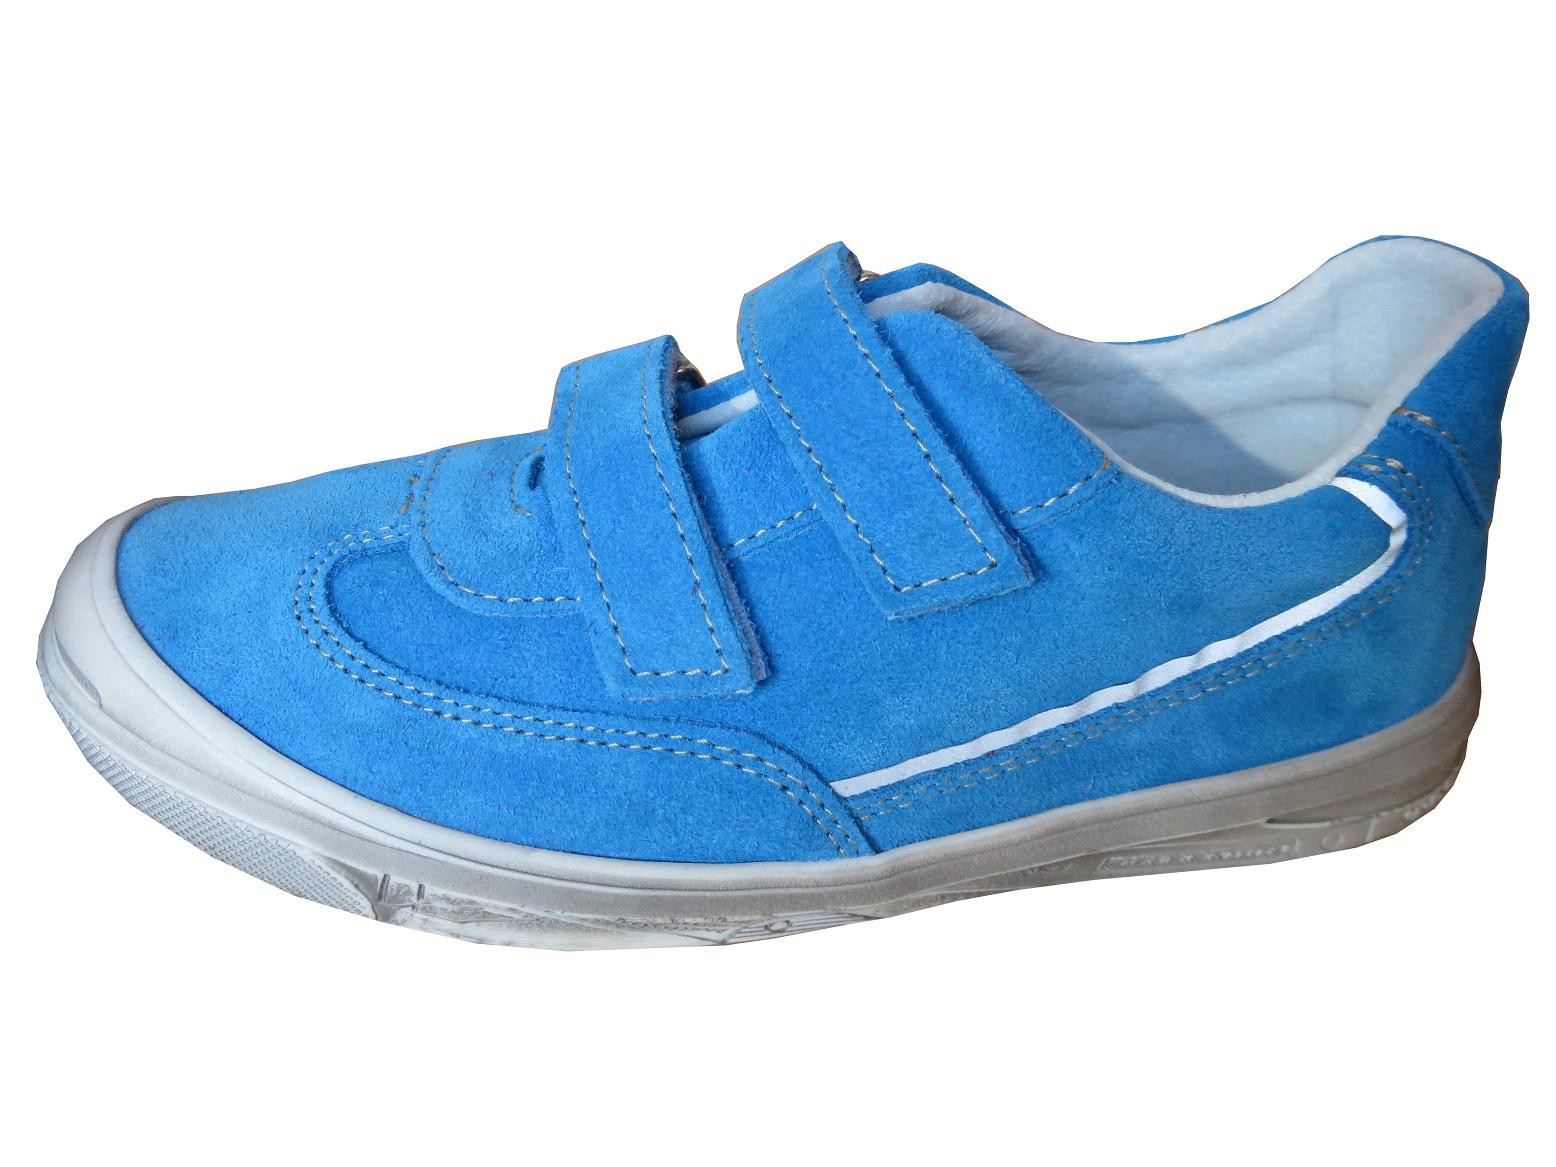 Dětské celoroční boty Jonap 023 modré Velikost: 28 (EU)